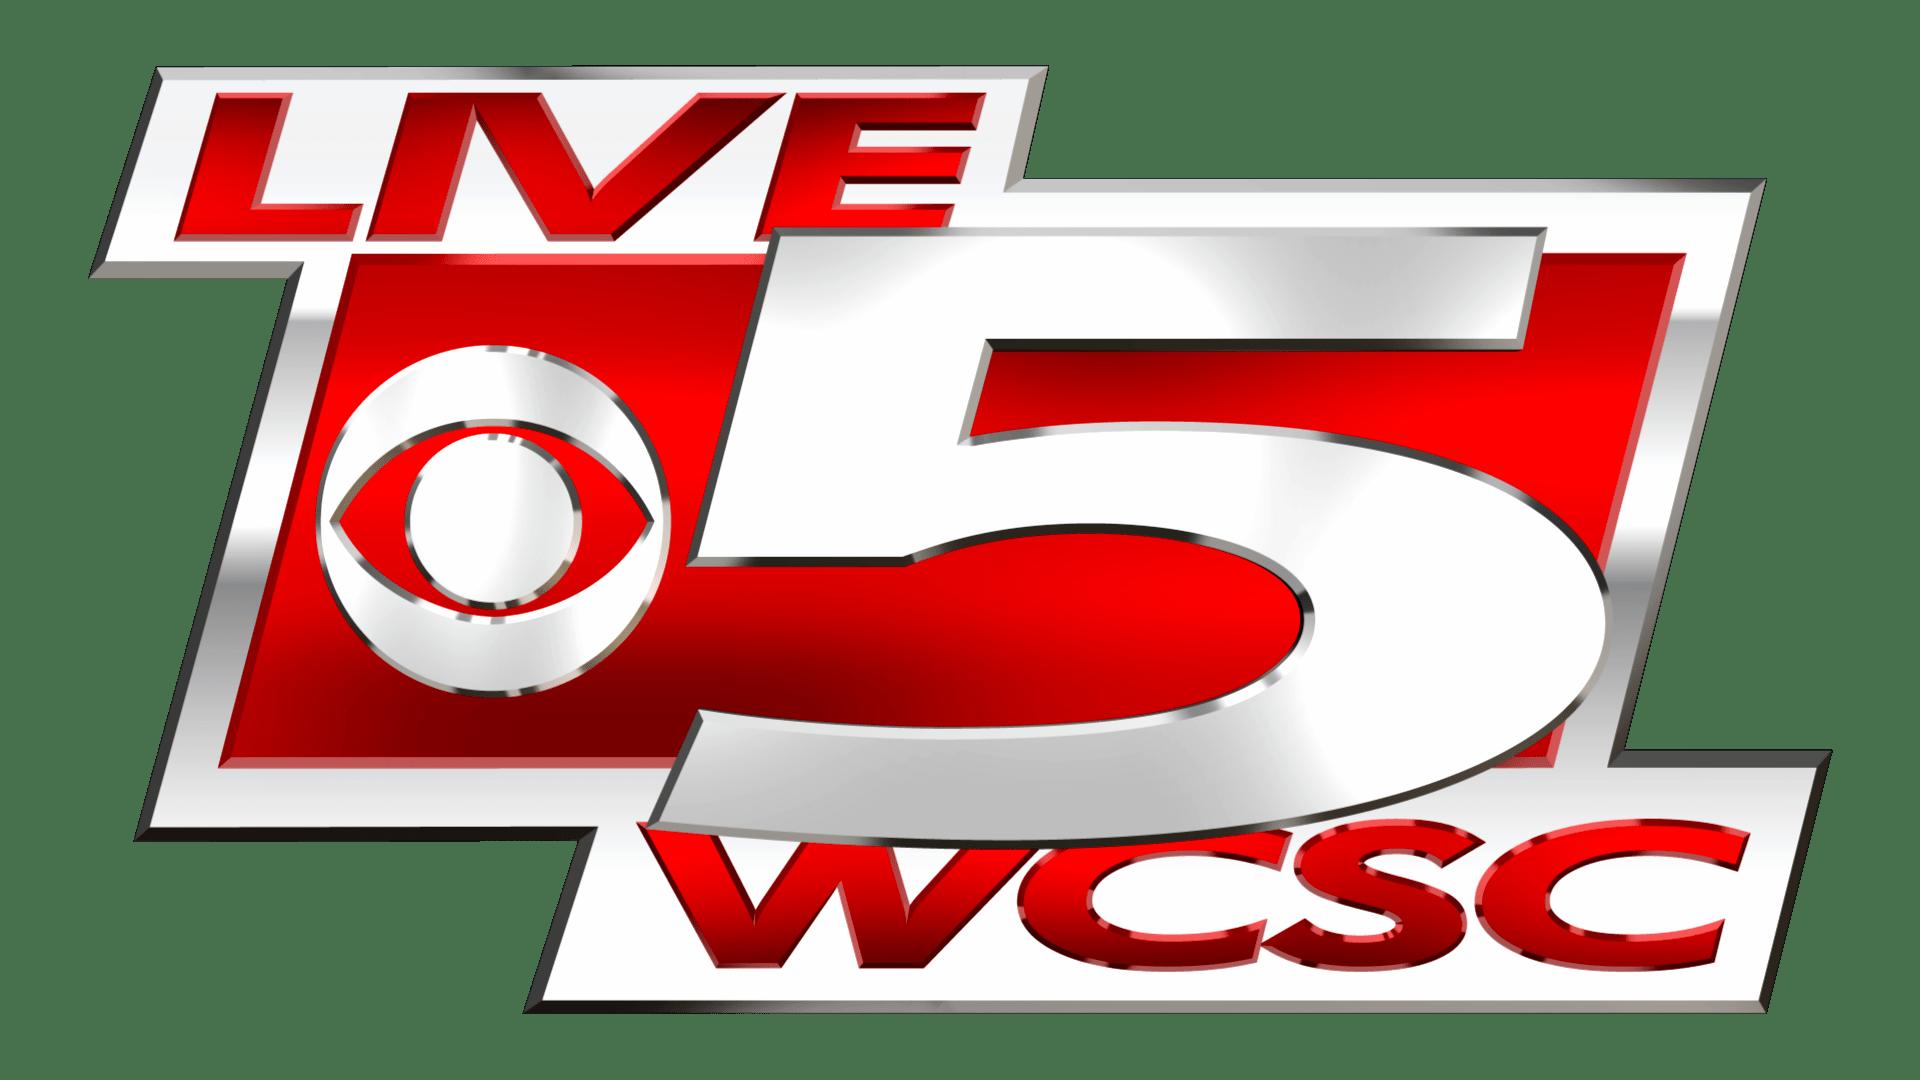 WCSC logo